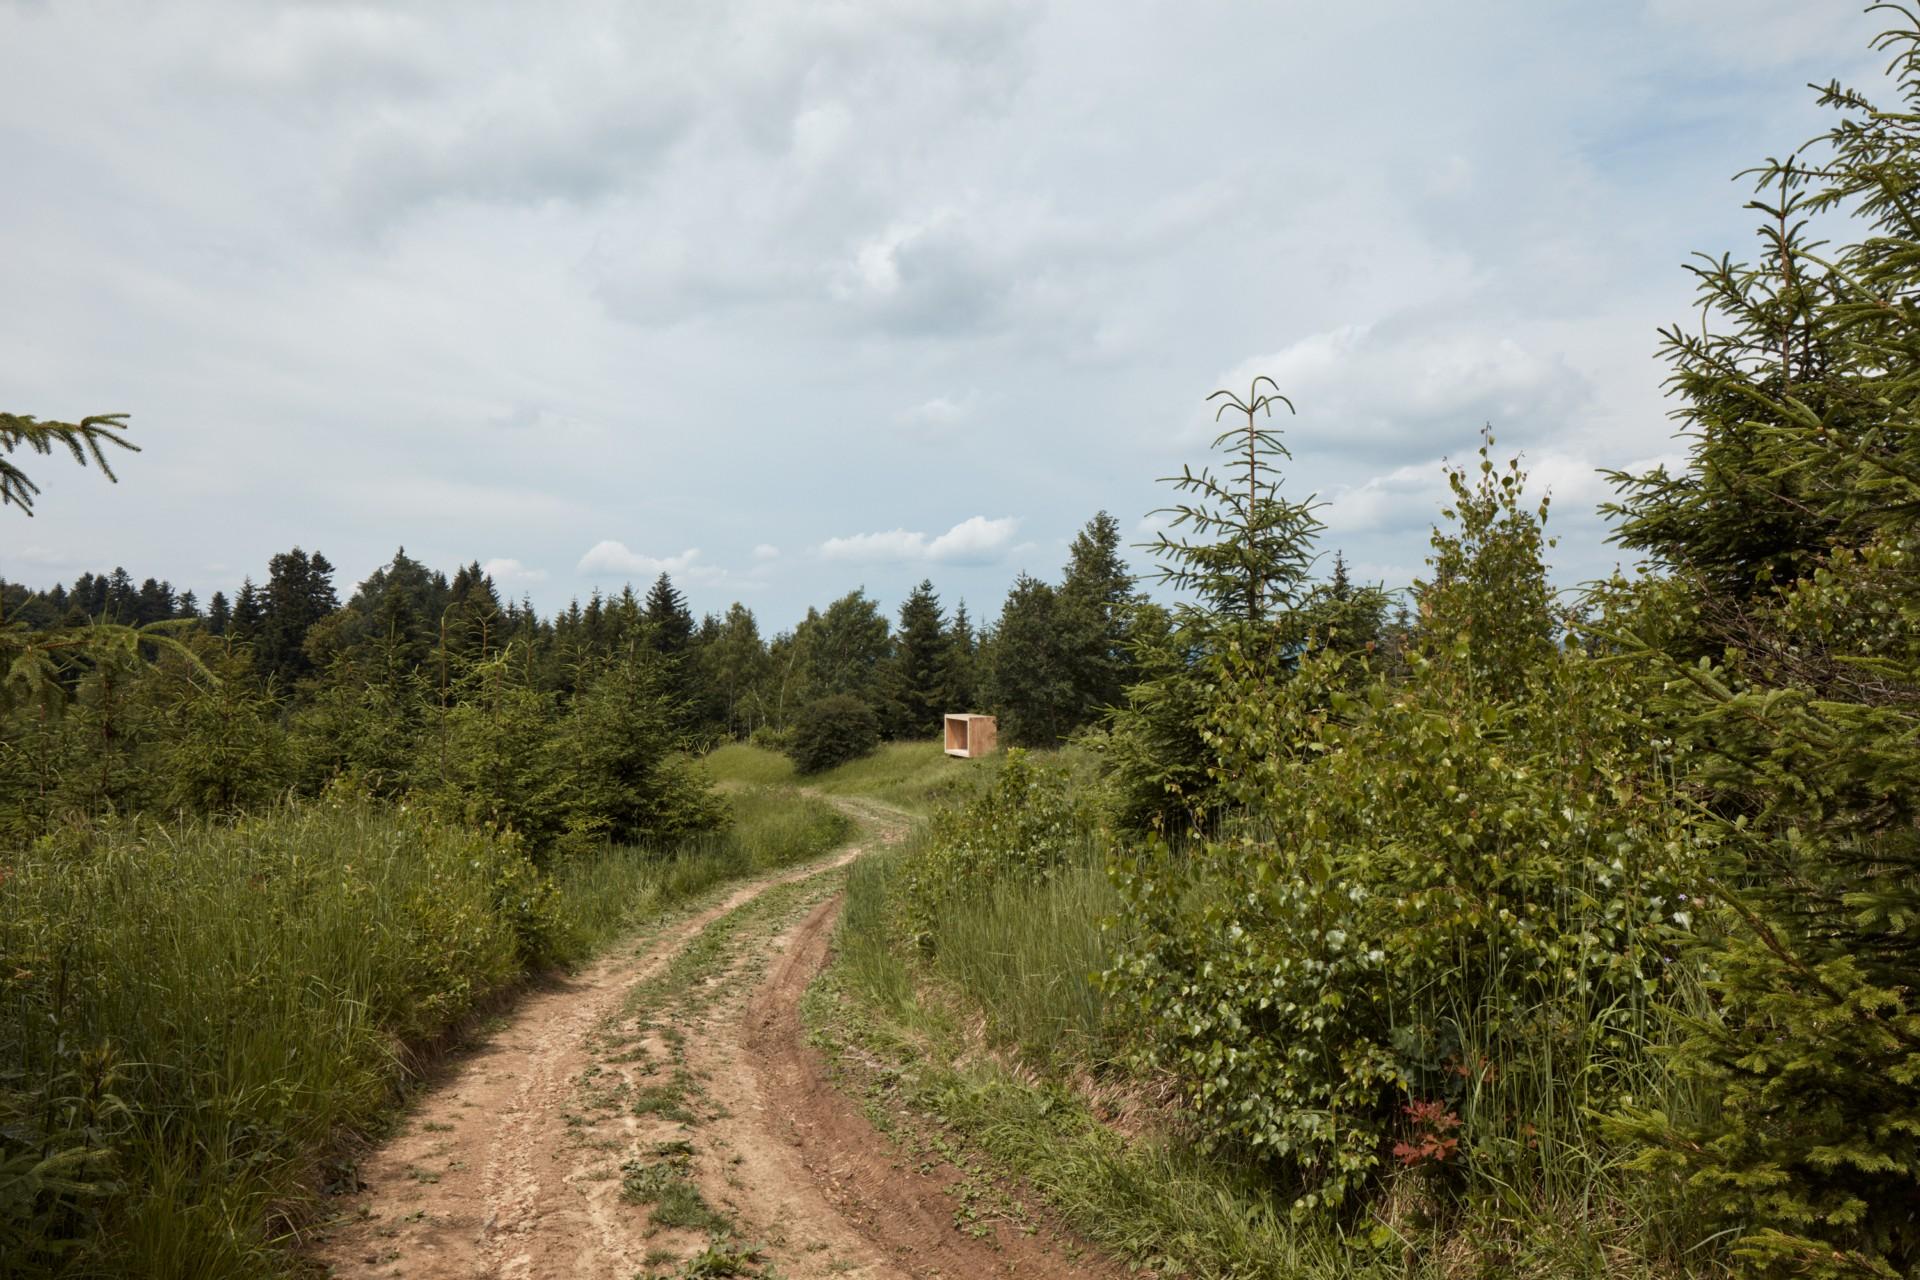 Durch Lookout de Zdeněk Fránek et Jakub Janošík